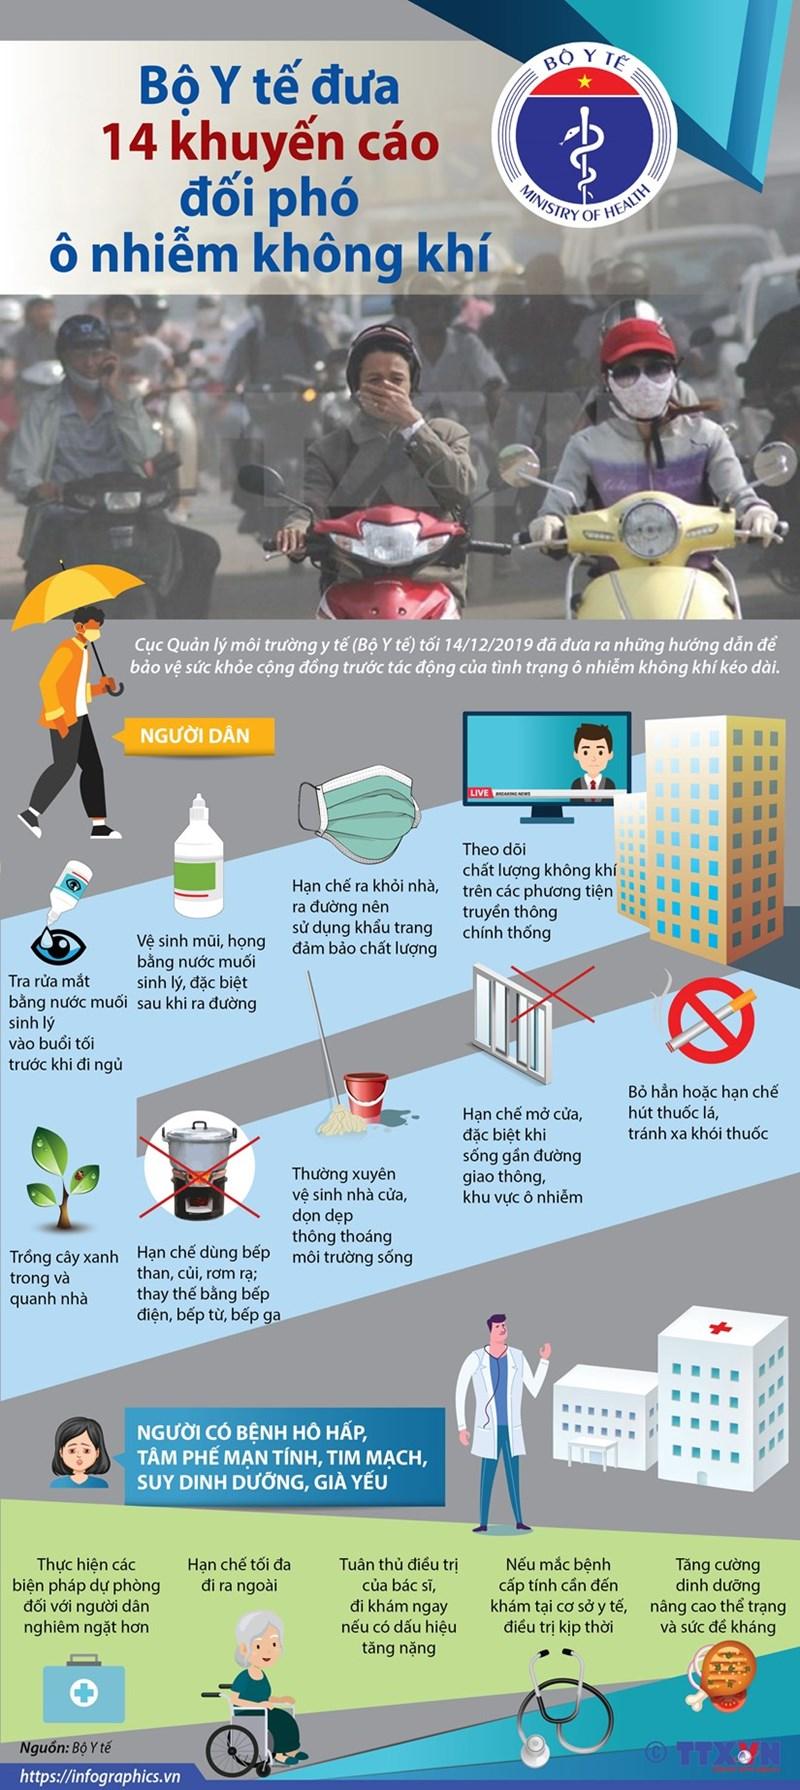 [Infographics] Khuyến cáo của Bộ Y tế về đối phó với ô nhiễm không khí - Ảnh 1